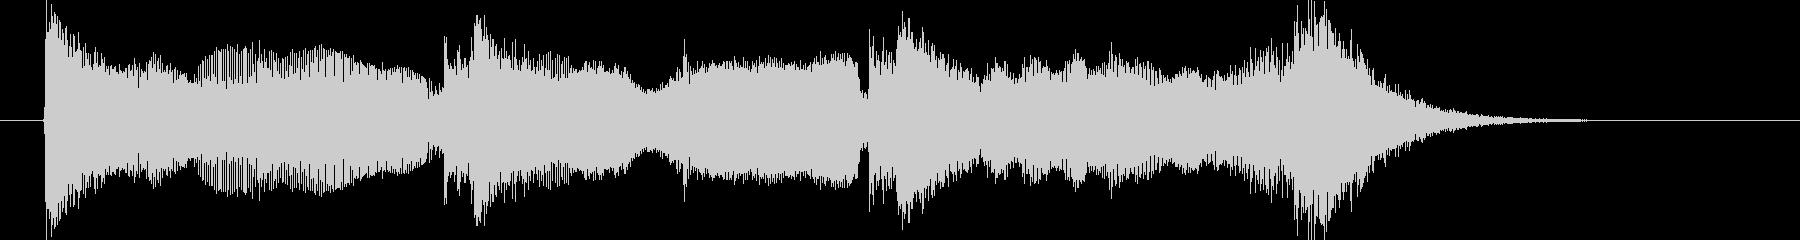 アクセントの強い輝きBGMの未再生の波形